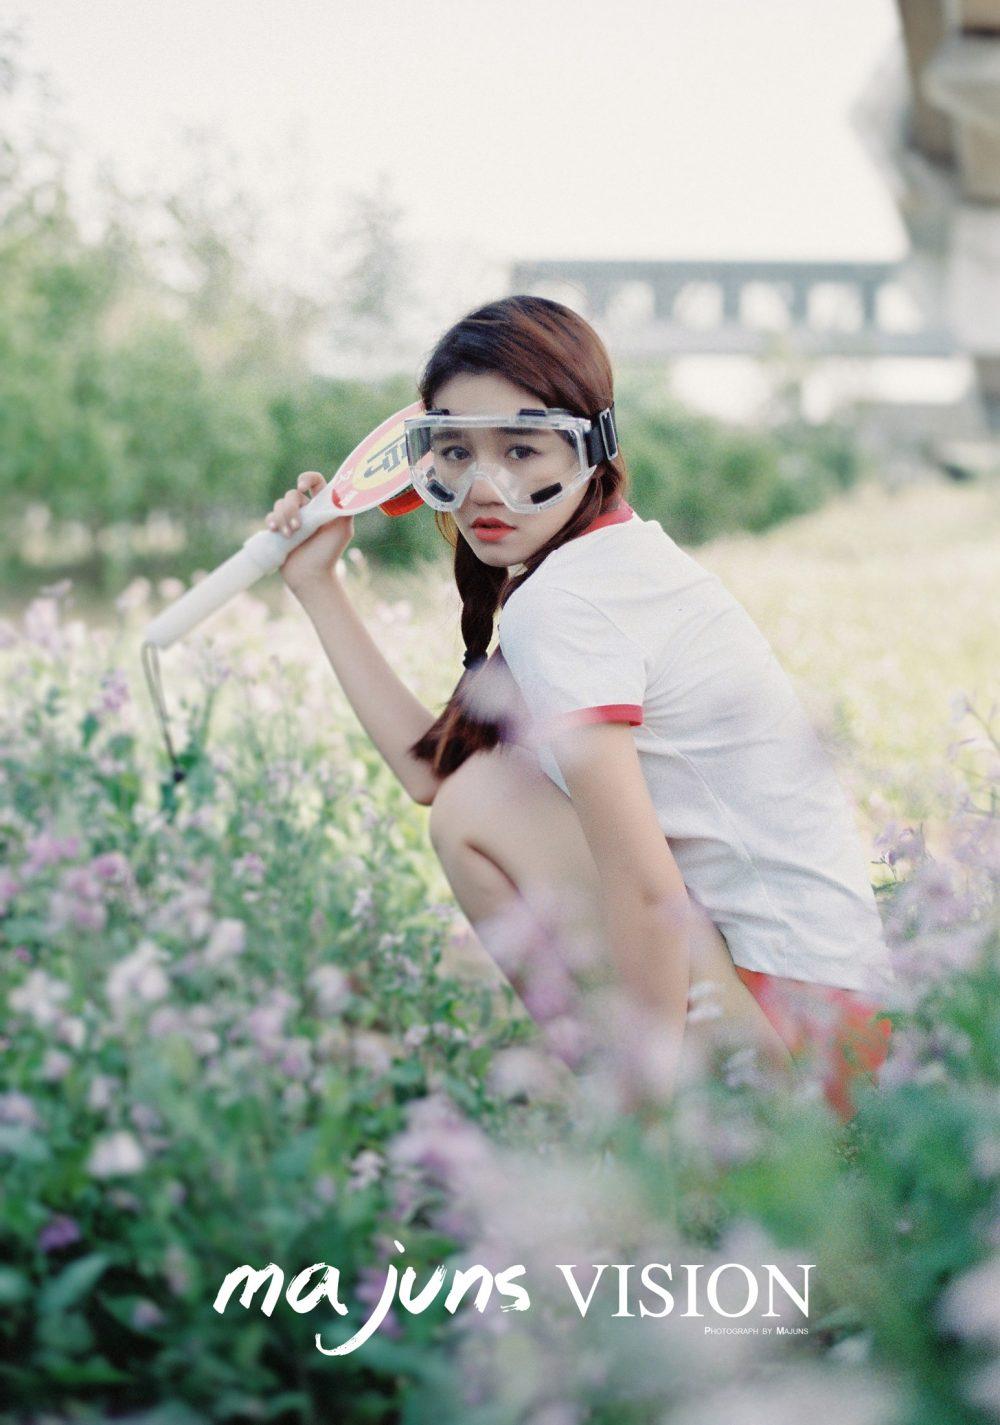 夏の記憶 @马骏同学-菲林中文-独立胶片摄影门户!